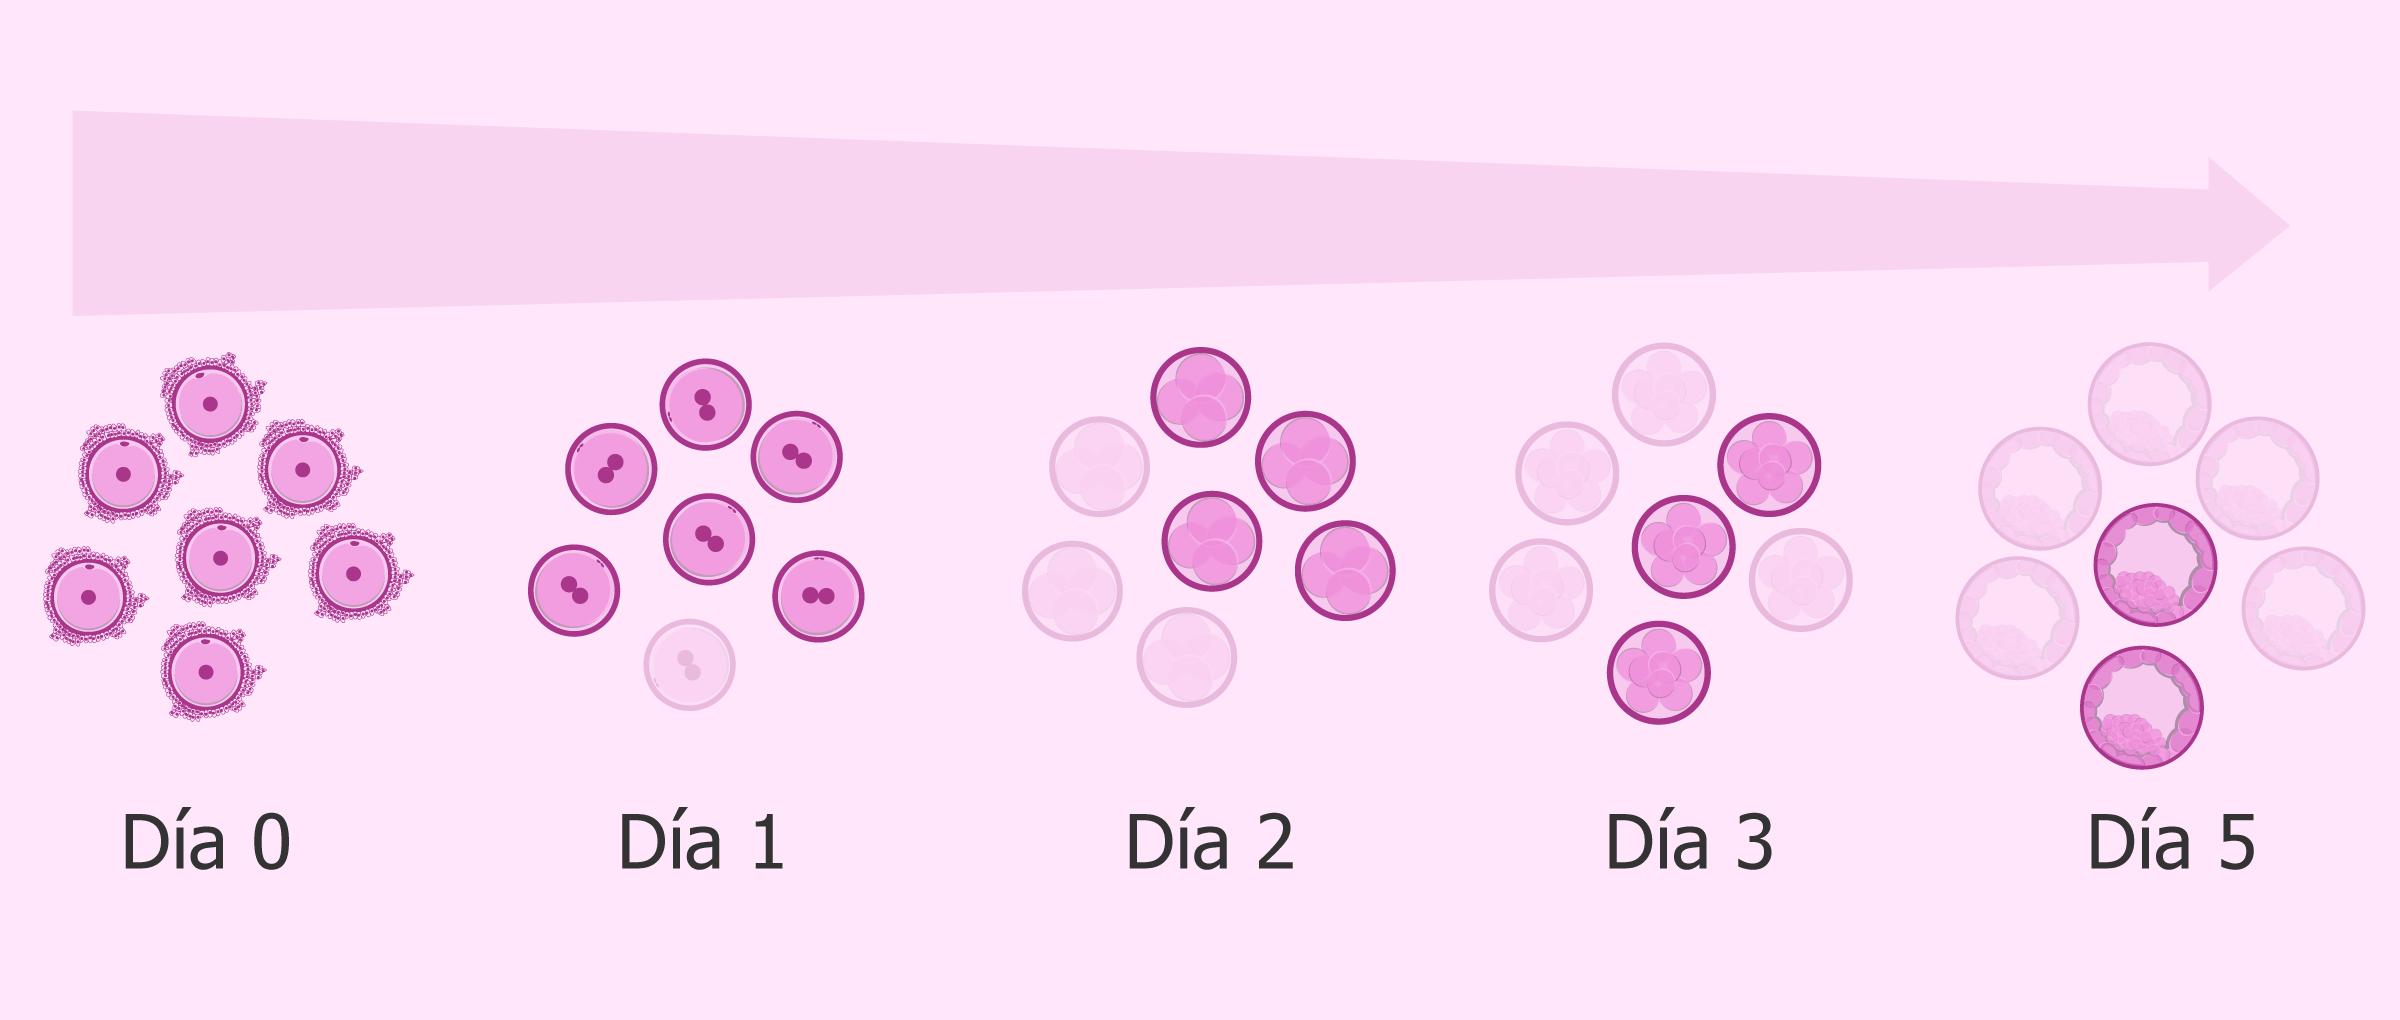 No todos los embriones llegan a blastocisto